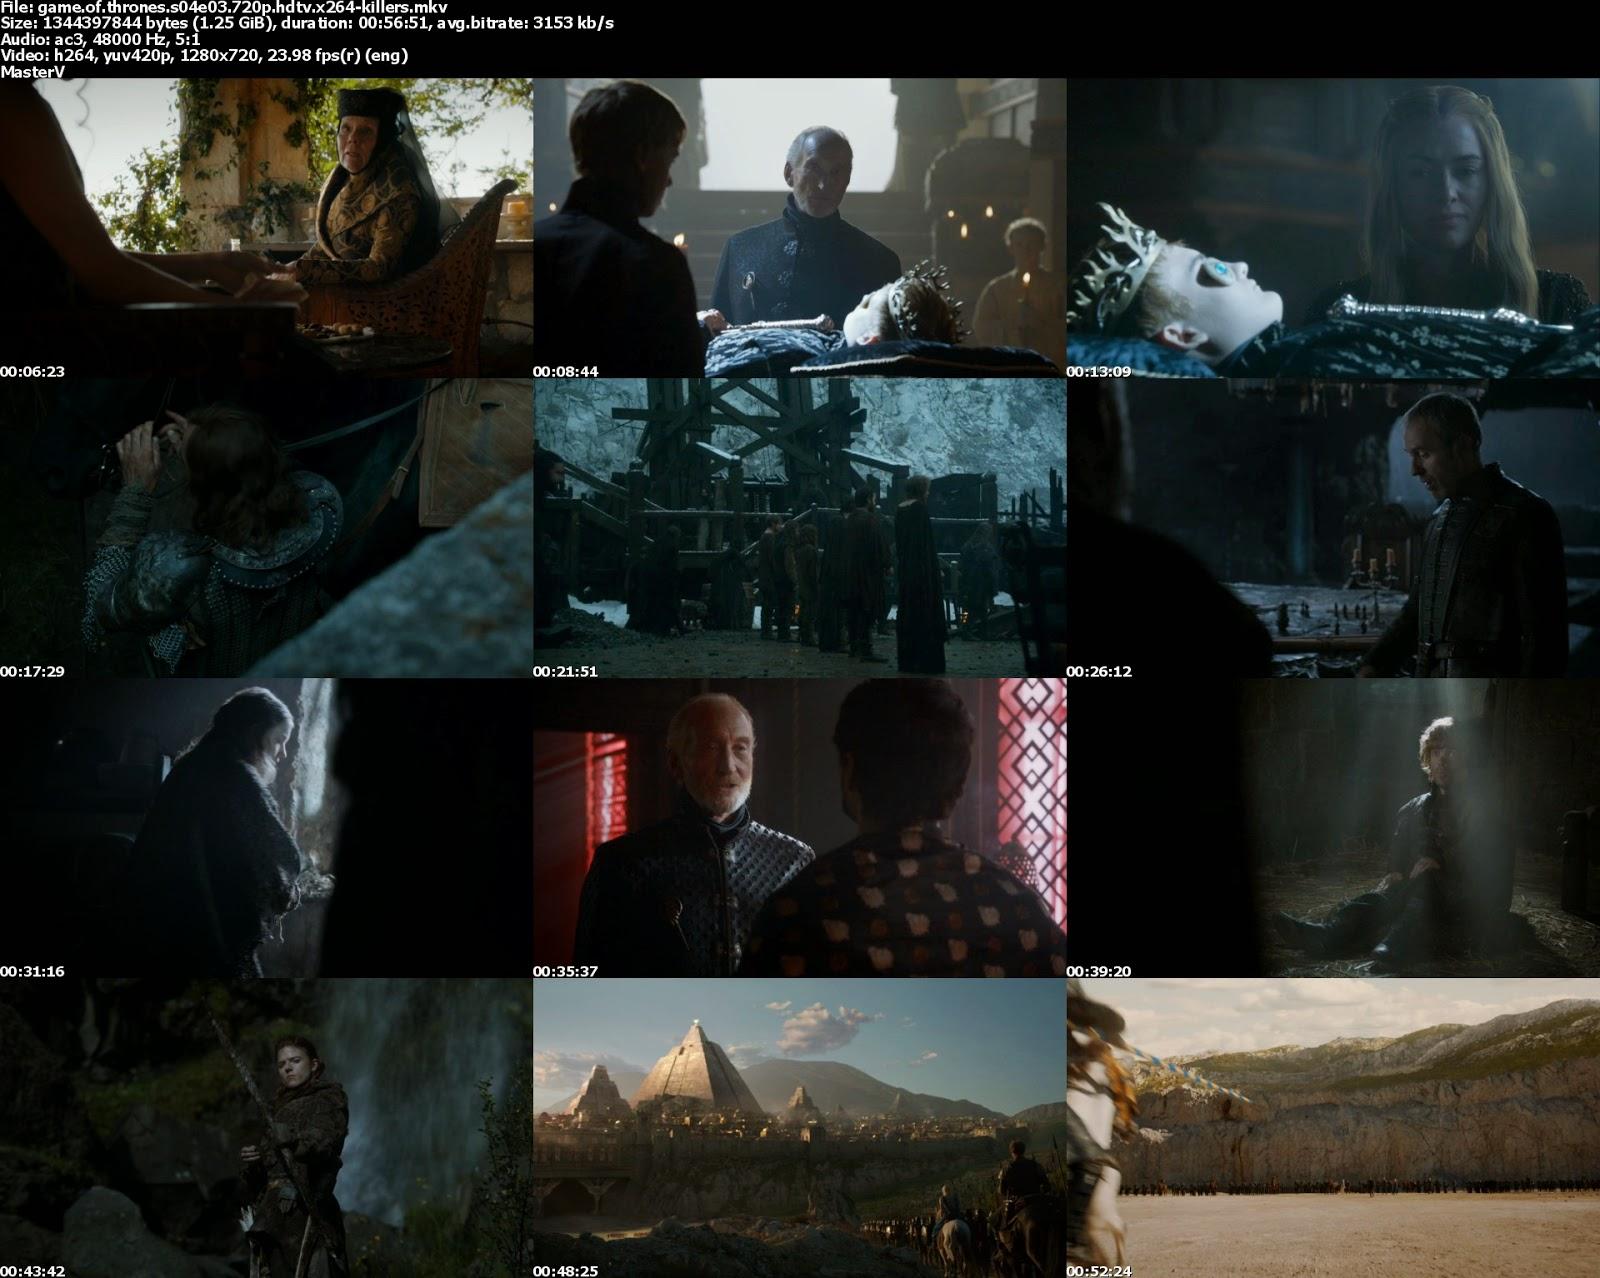 S04e03 game of thrones subtitles / Telugu movie theatres in dallas